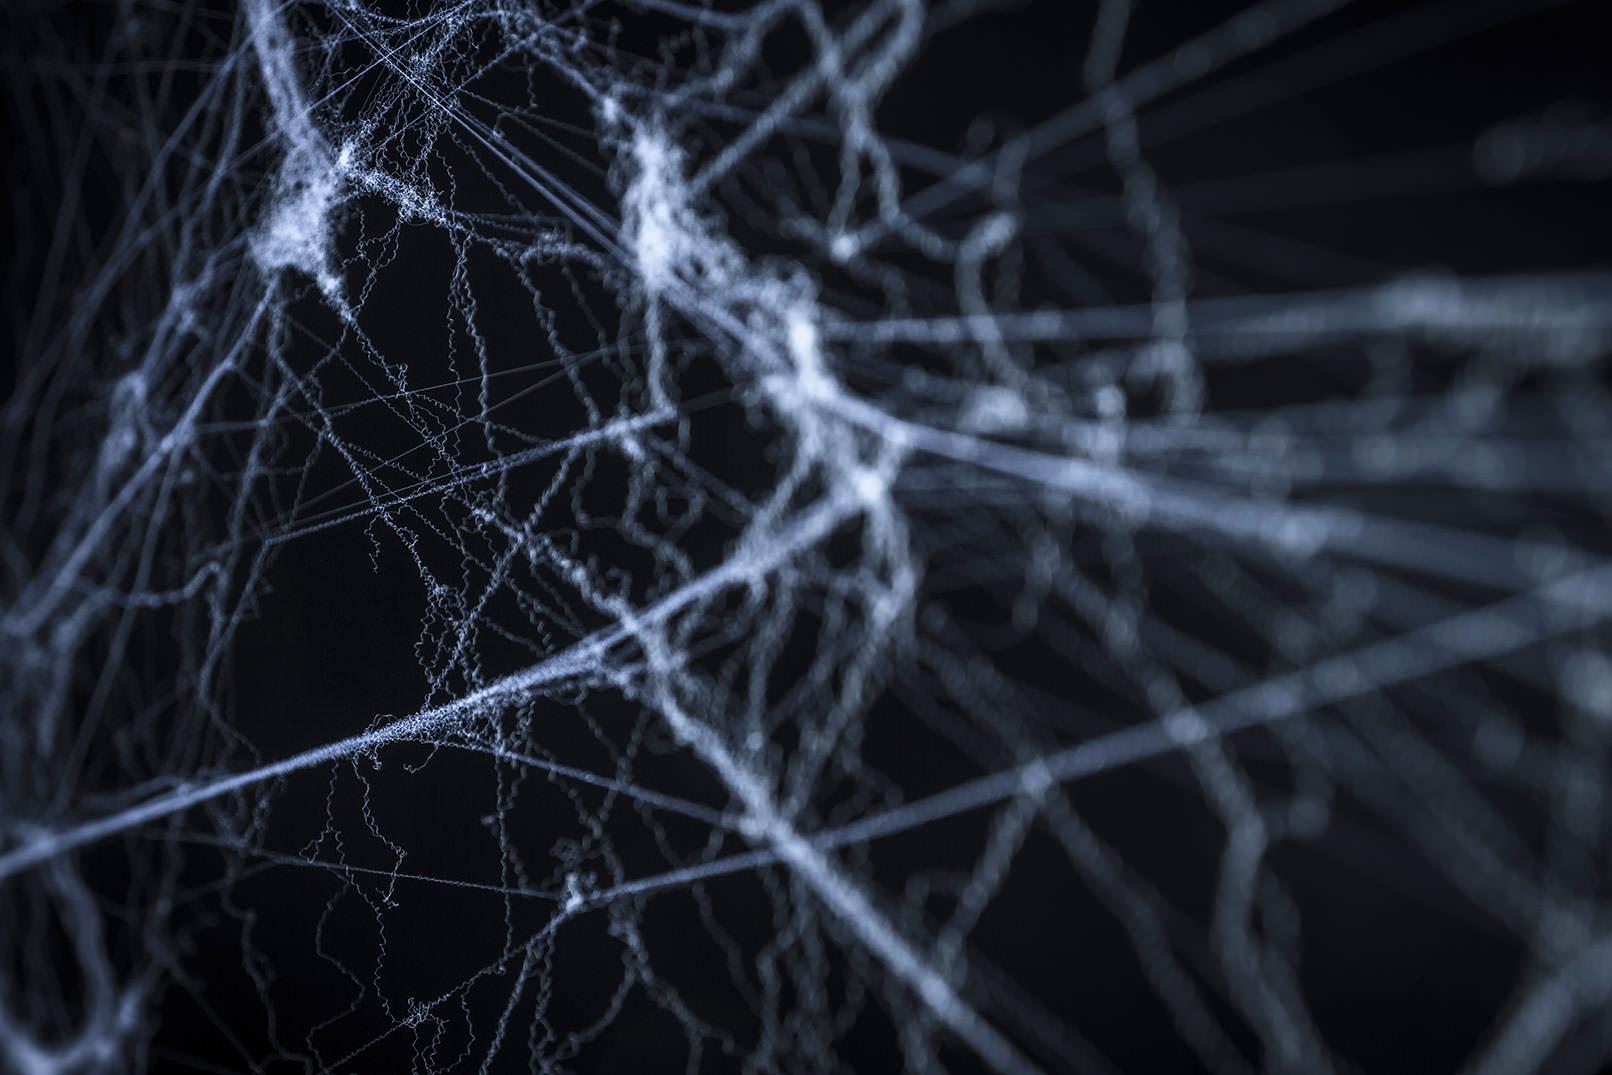 Spinnweben vor schwarzem Hintergrund